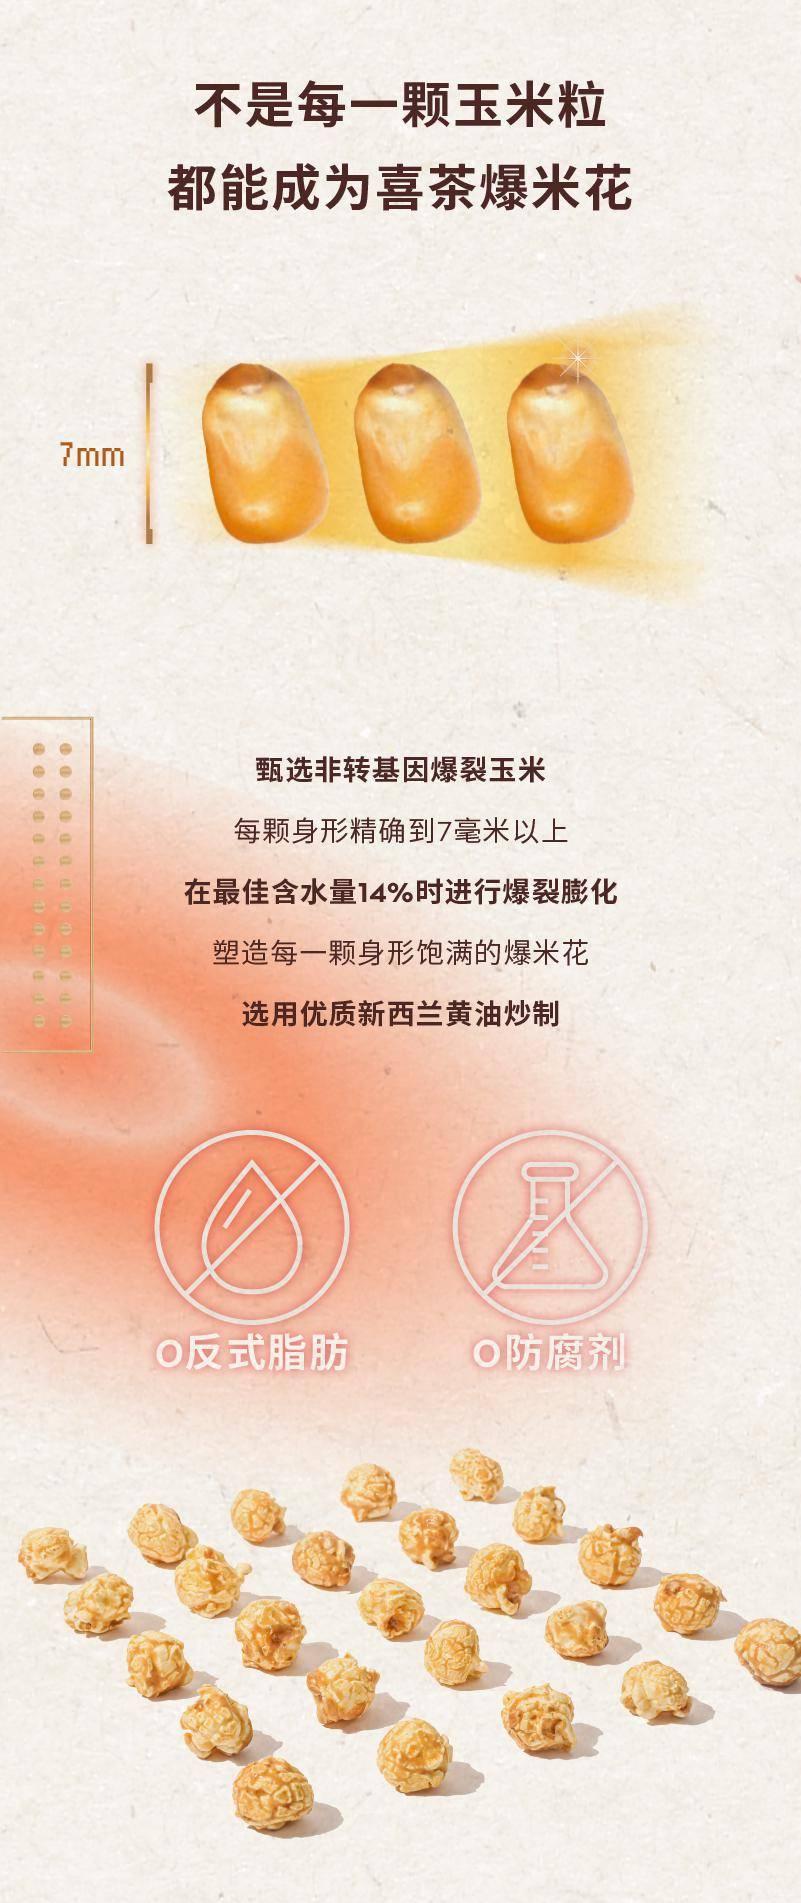 湛江检茶官饮料加盟-湛江列表网